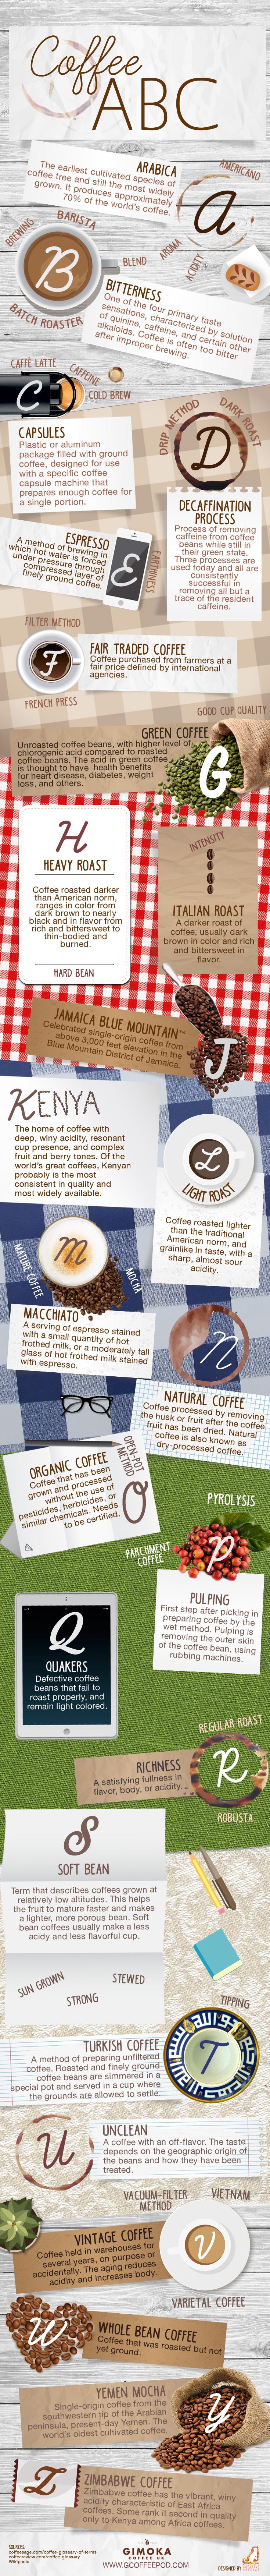 Coffee ABC [Infographic]